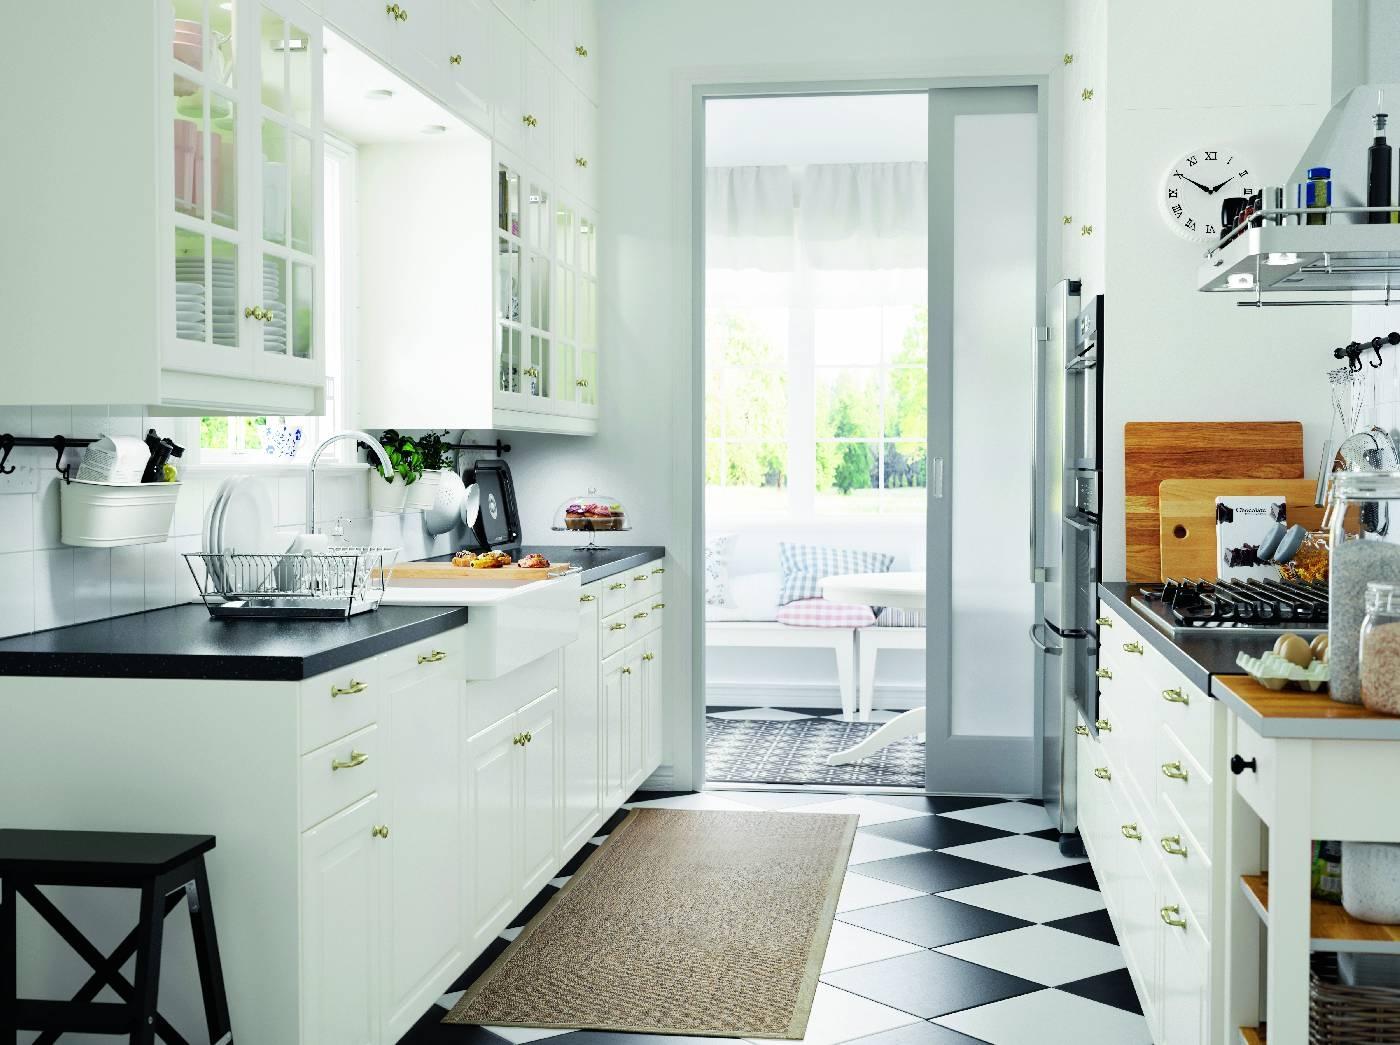 W Jakim Stylu Urządzić Kuchnię Znajdź Swój Styl ładny Dom